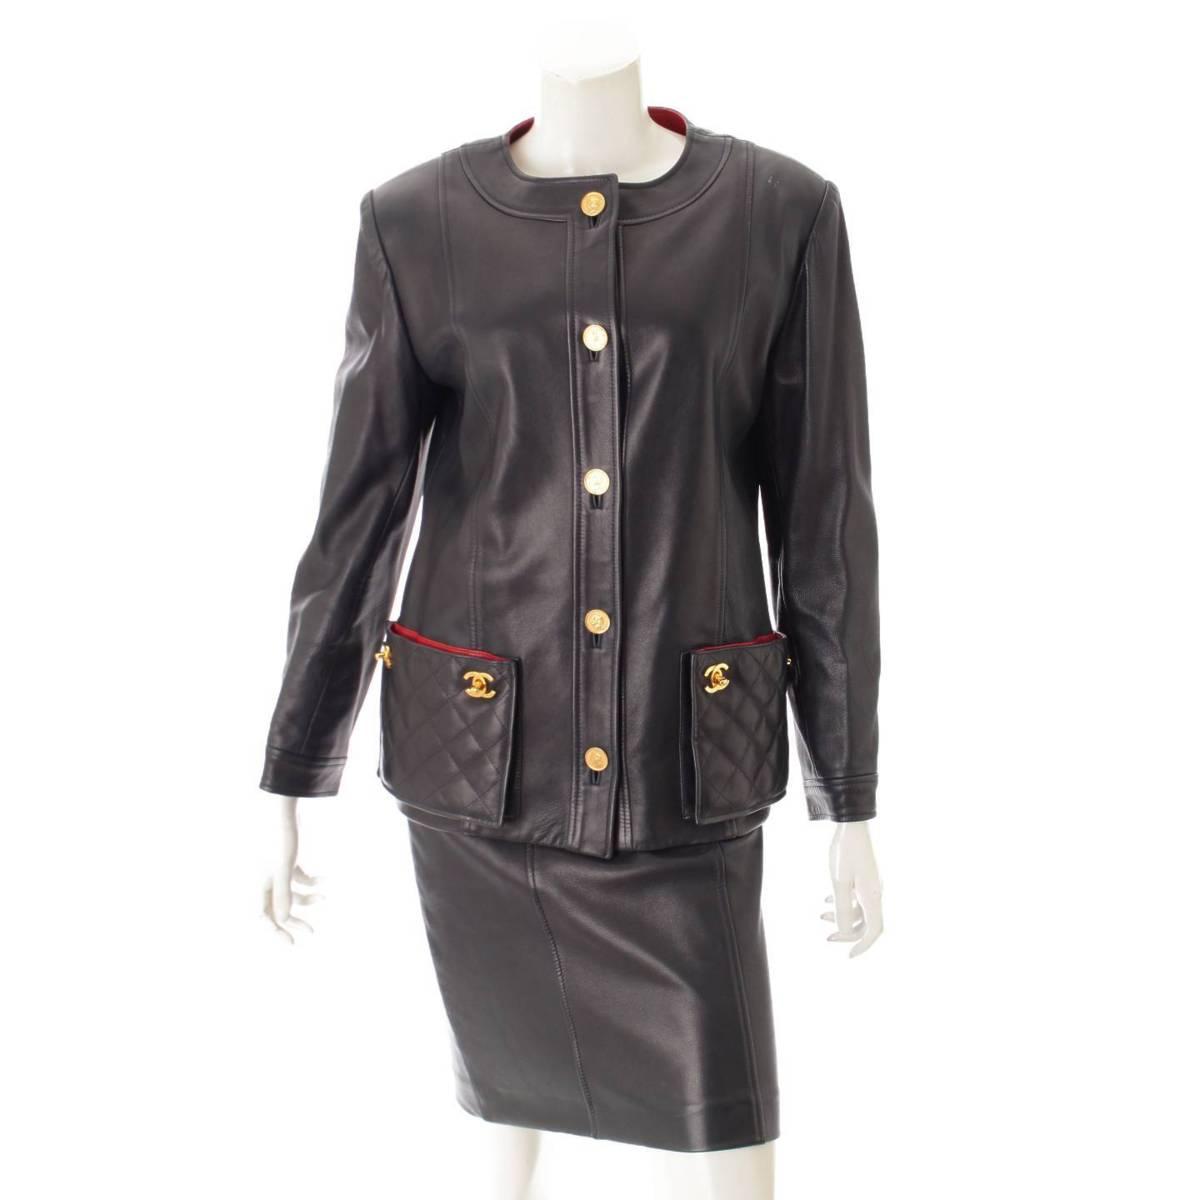 【シャネル】Chanel マトラッセ ターンロック コインボタン ラムレザー ジャケット スカート セットアップ 34 【中古】【鑑定済・正規品保証】80741